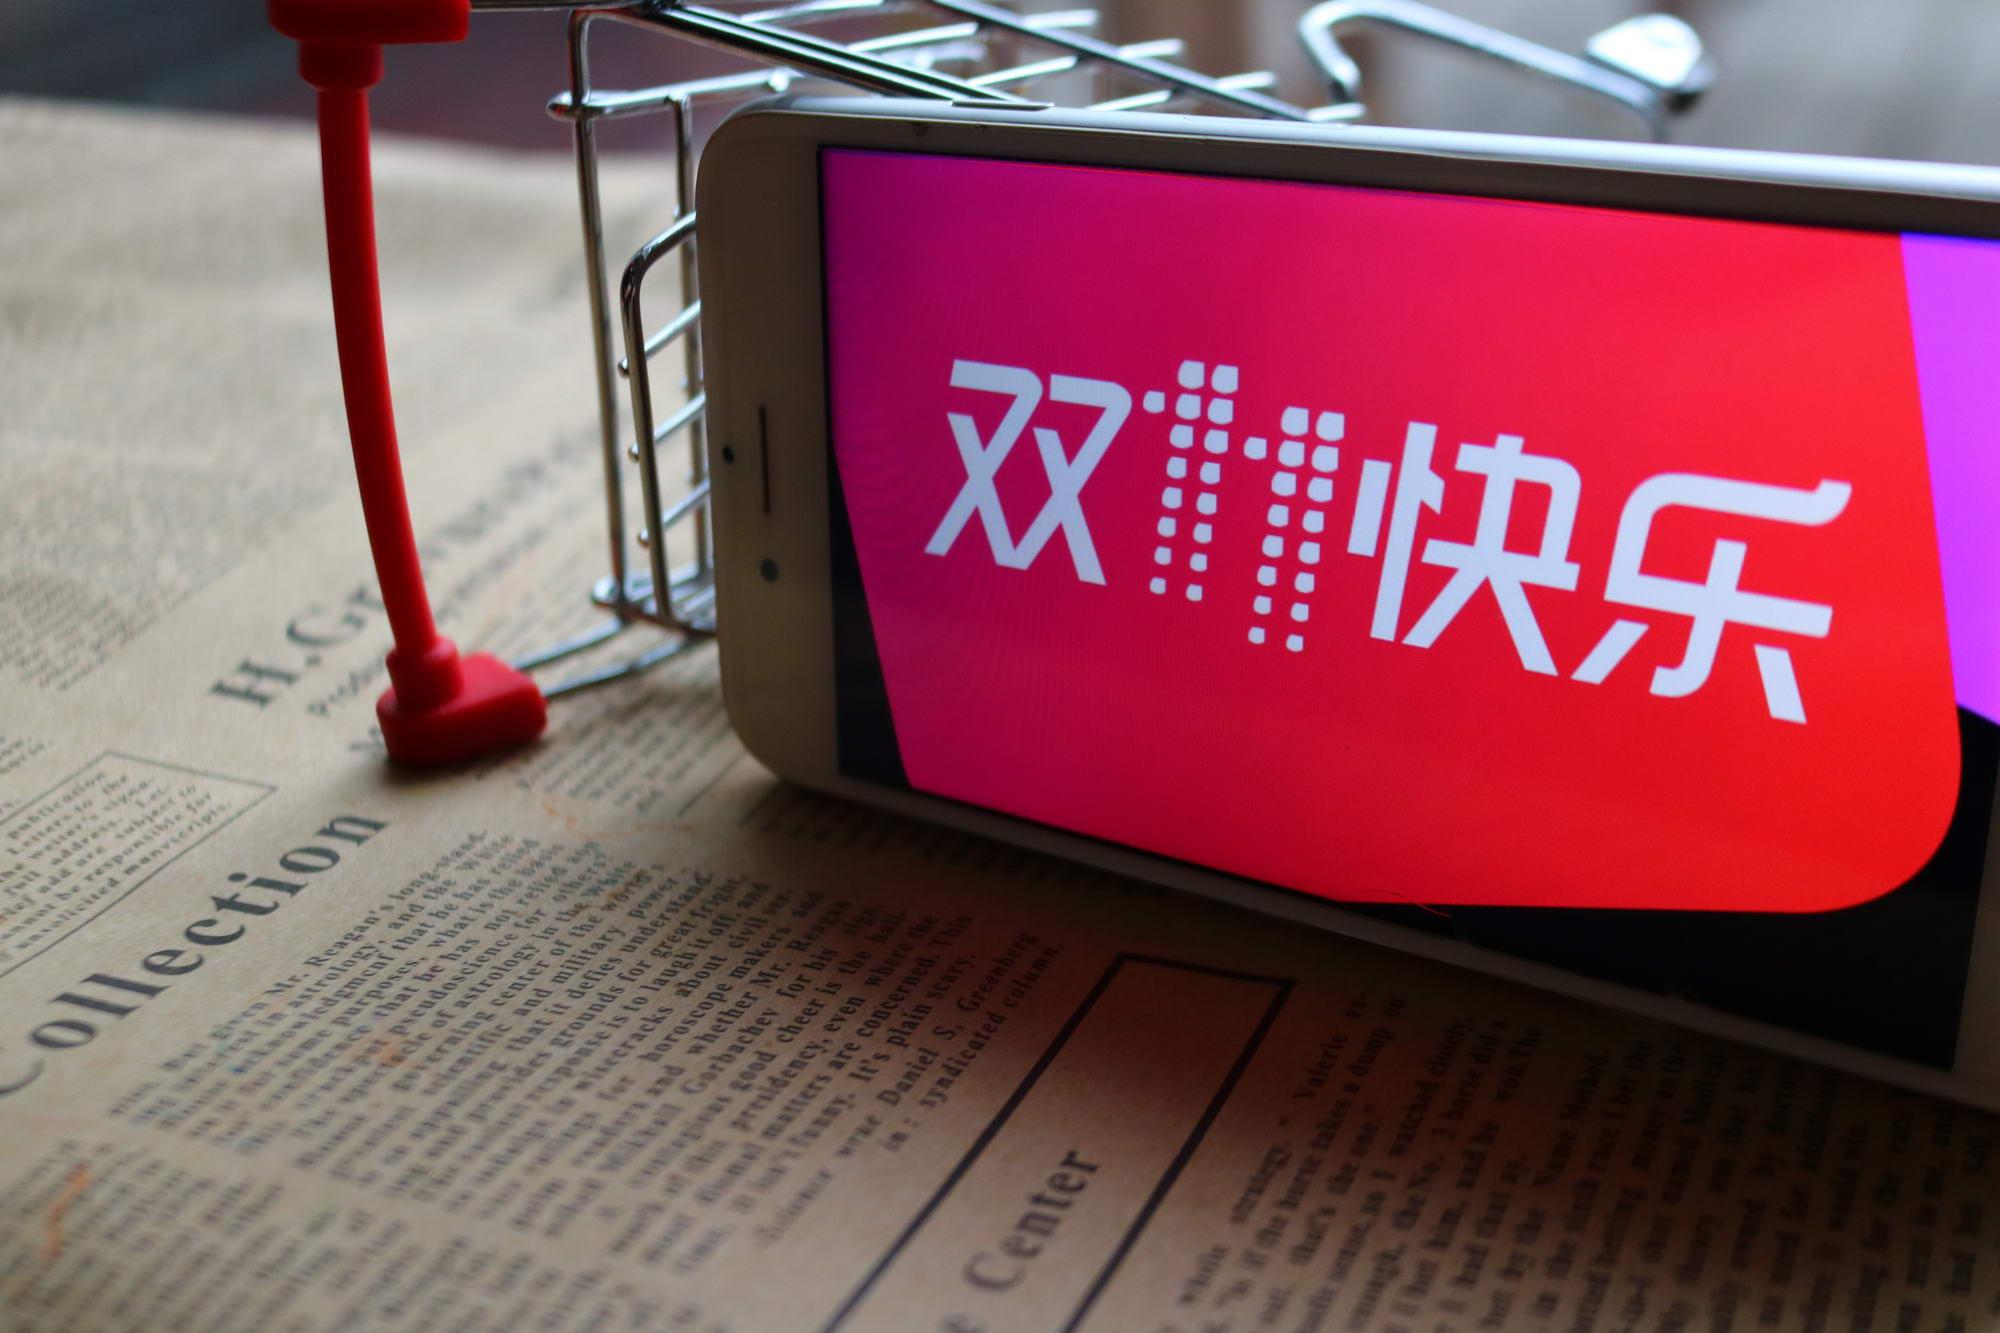 京东11.11预售报告:进口宠物主粮预售二十分钟同比增长超三十倍